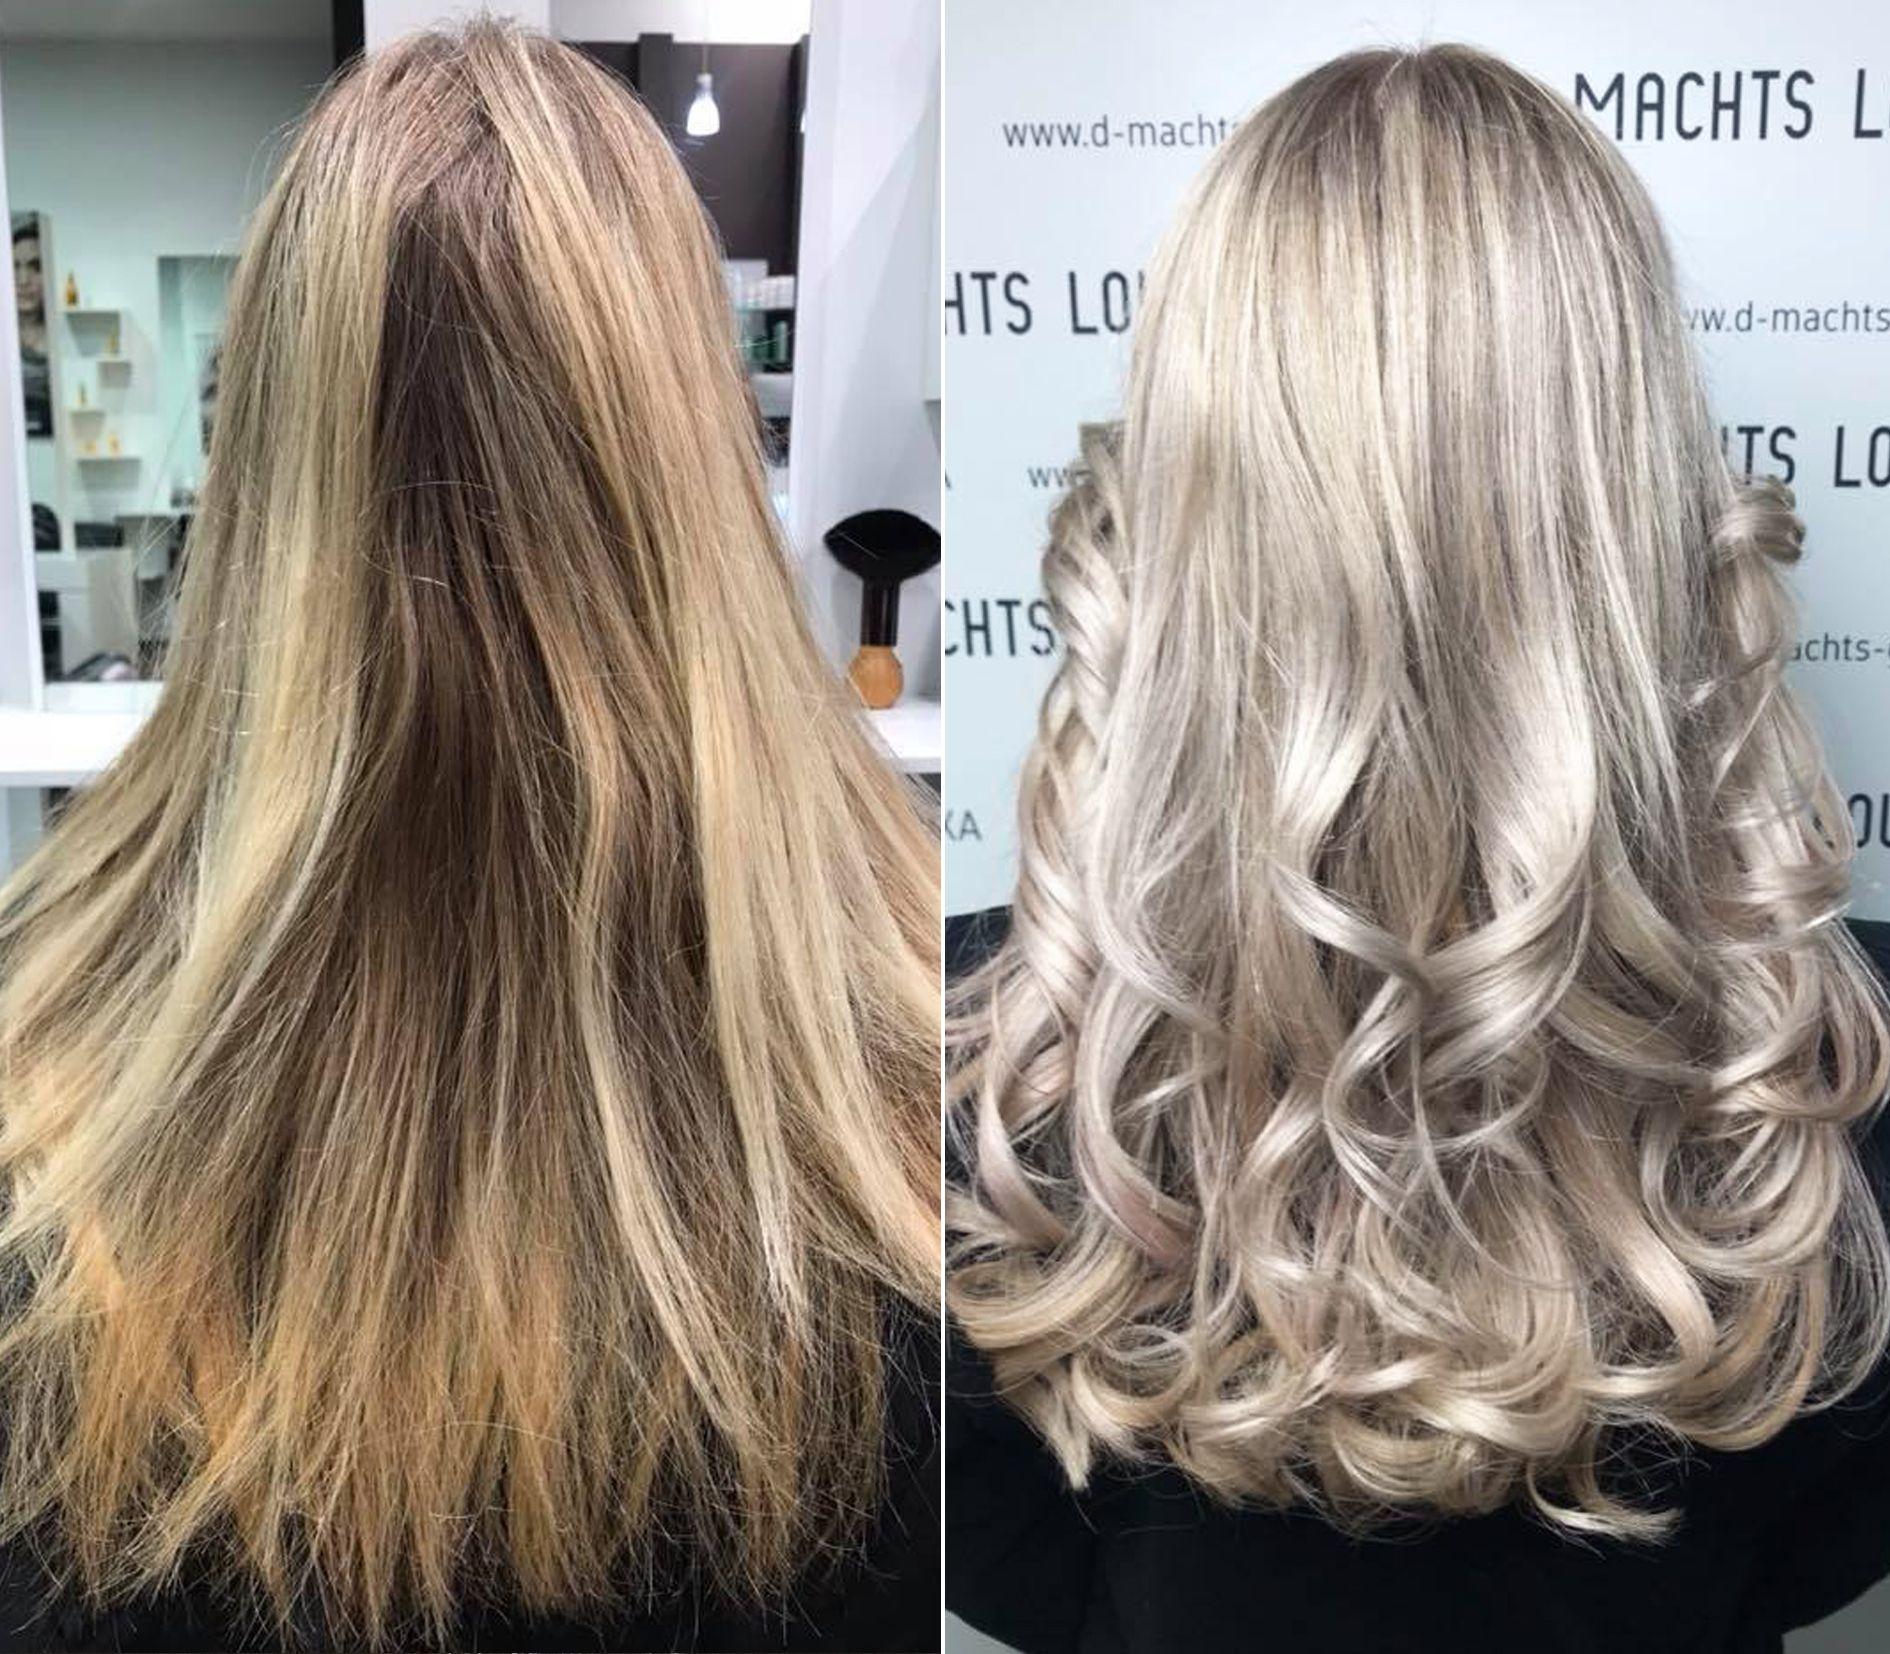 Vorher Nachher Haarfarbe Blond D Machts Lounge Alexa Friseur